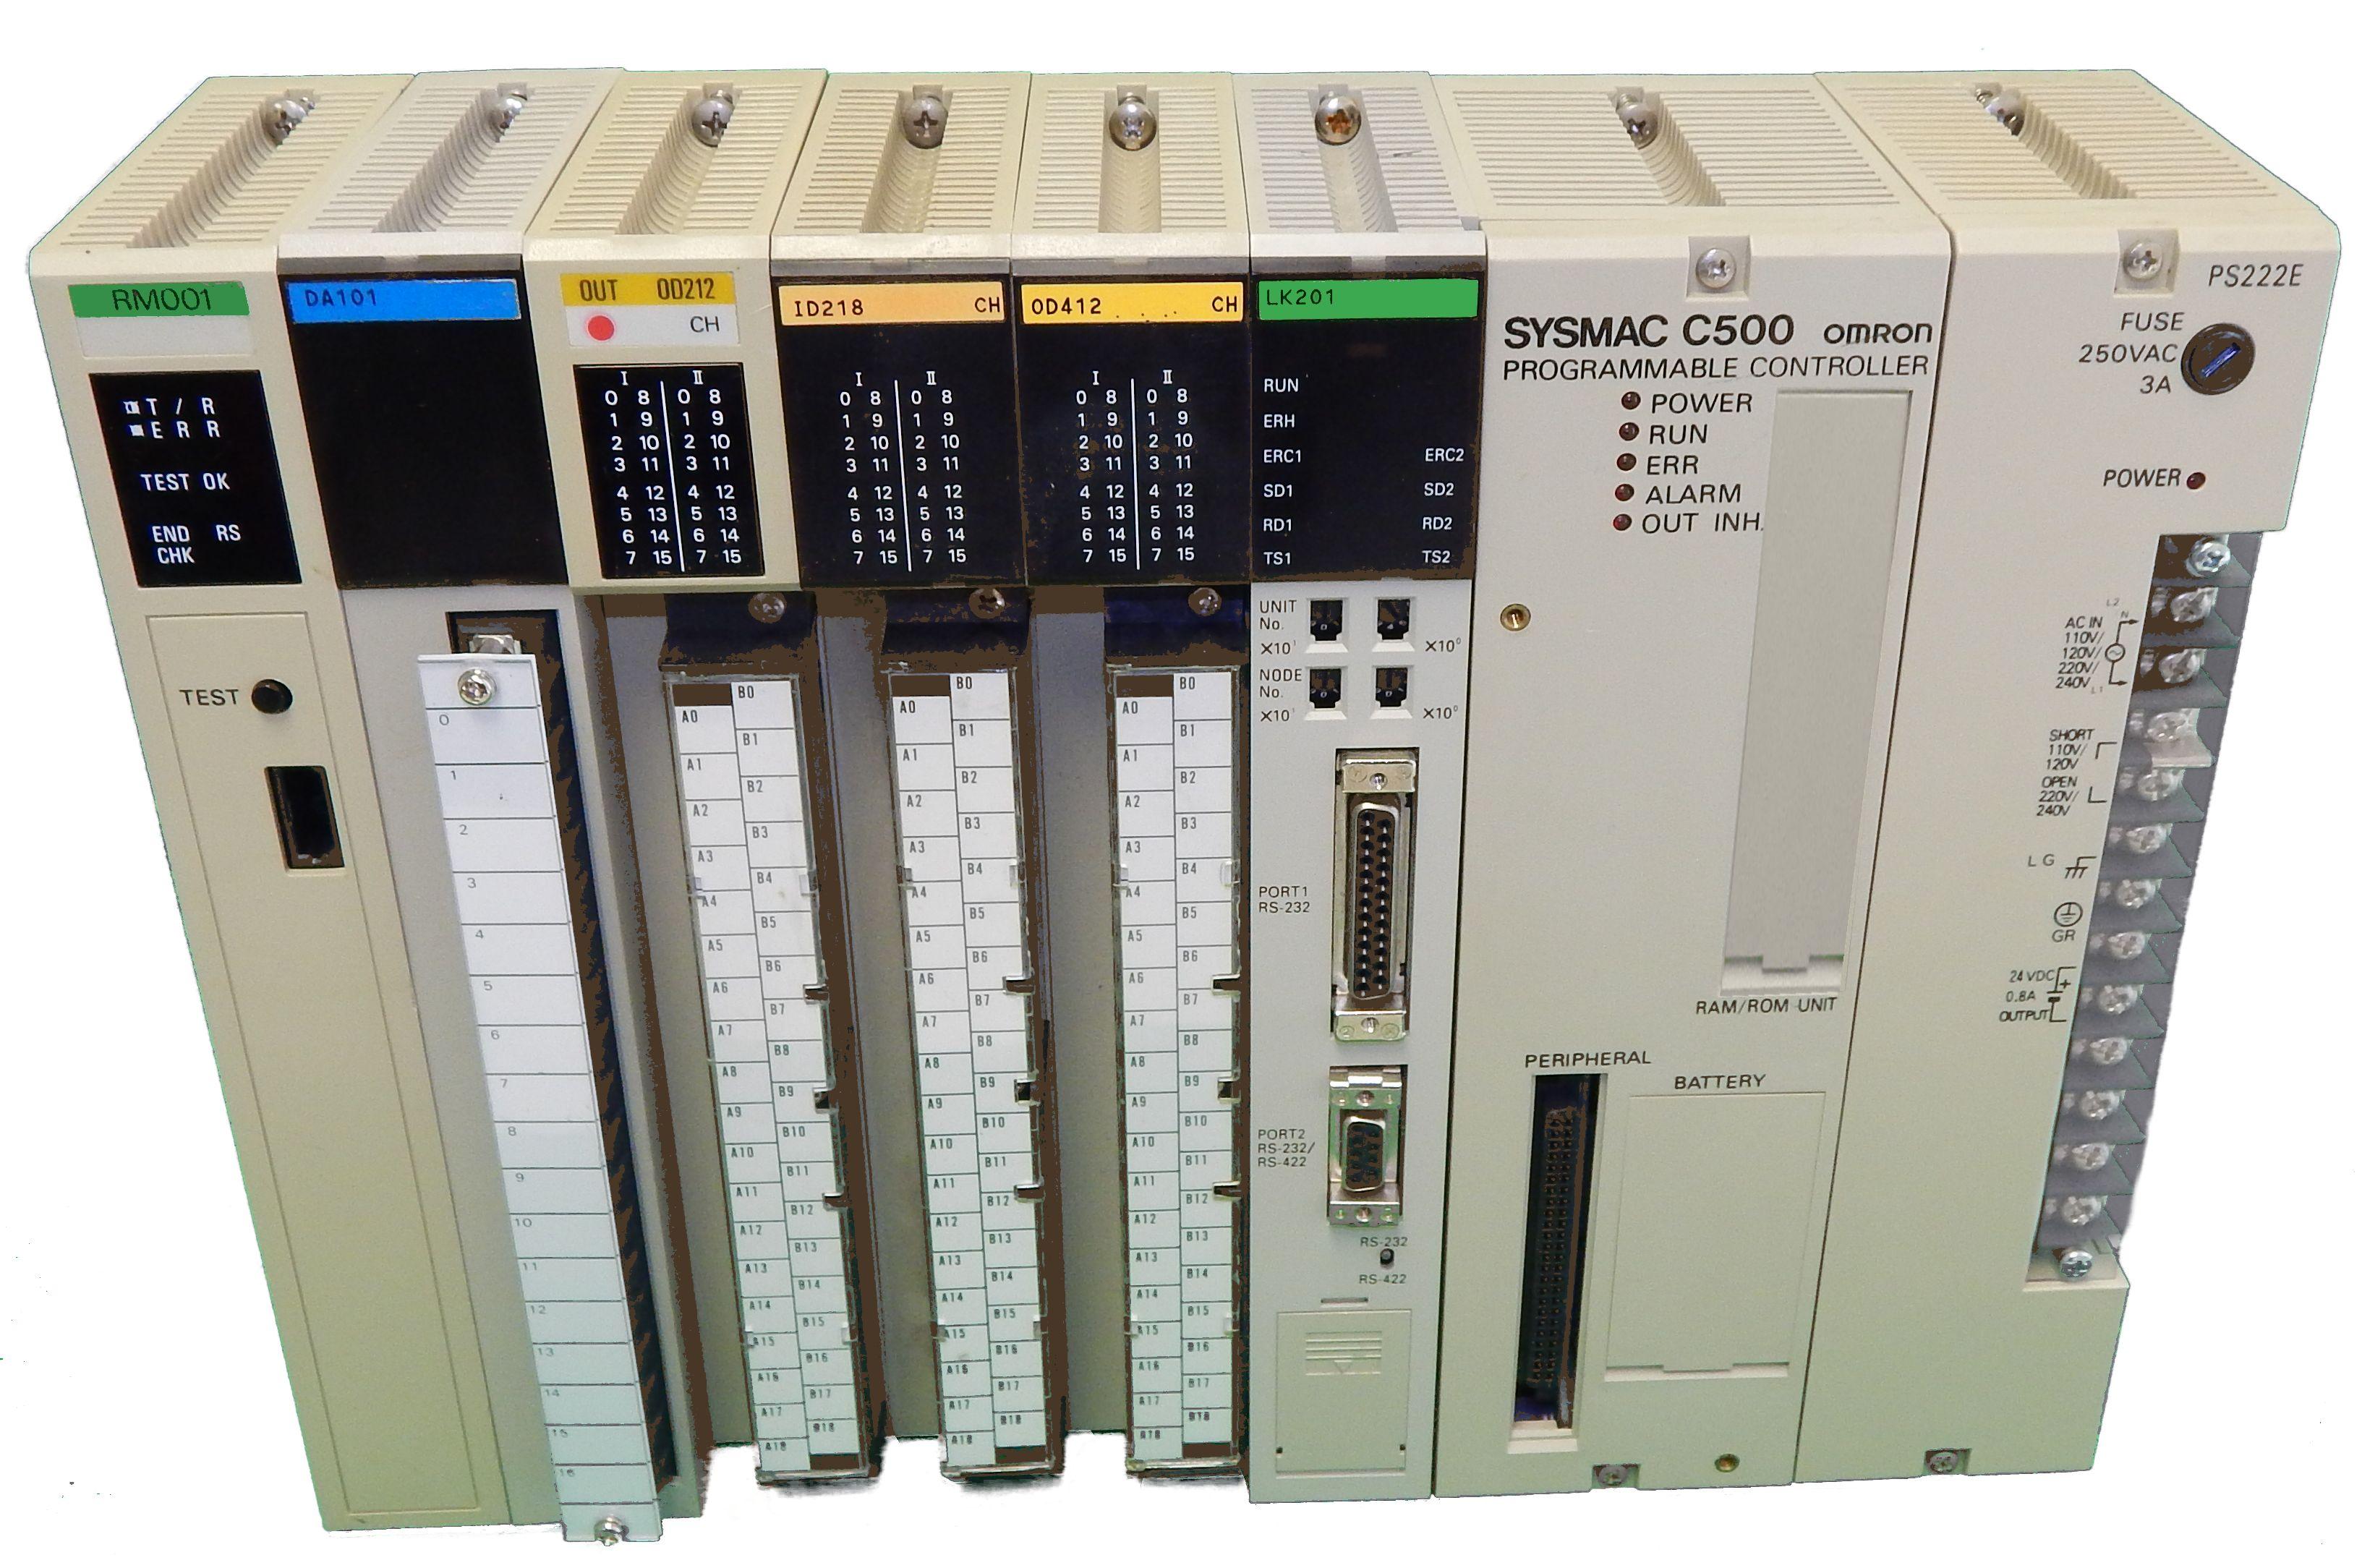 3G2A9-AL005-E